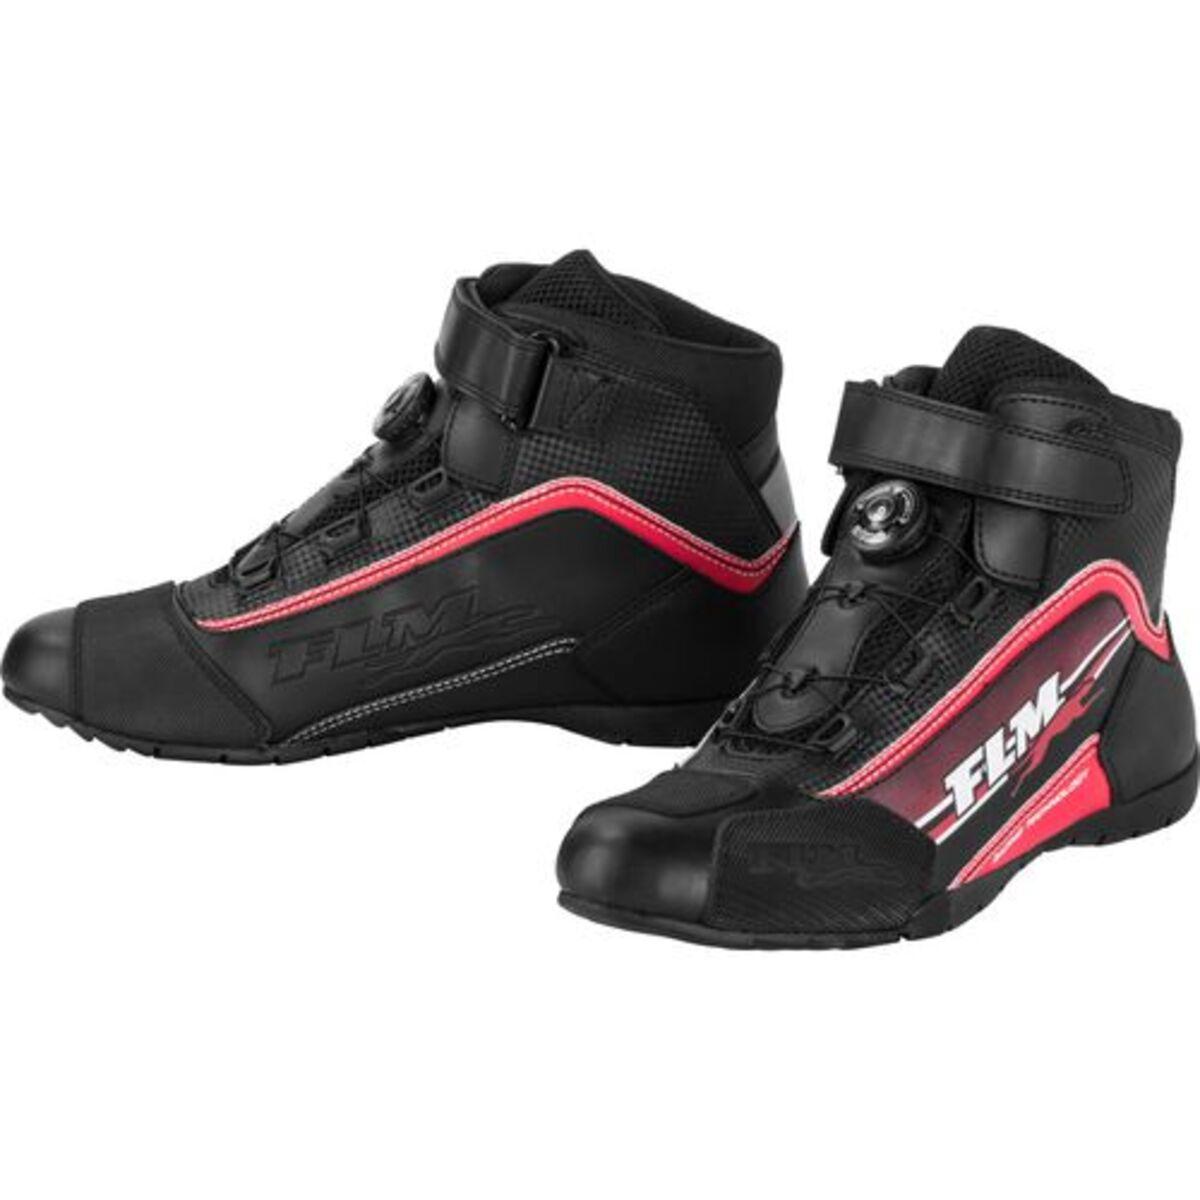 Bild 2 von FLM            Sports Schuh 1.2 schwarz/rot